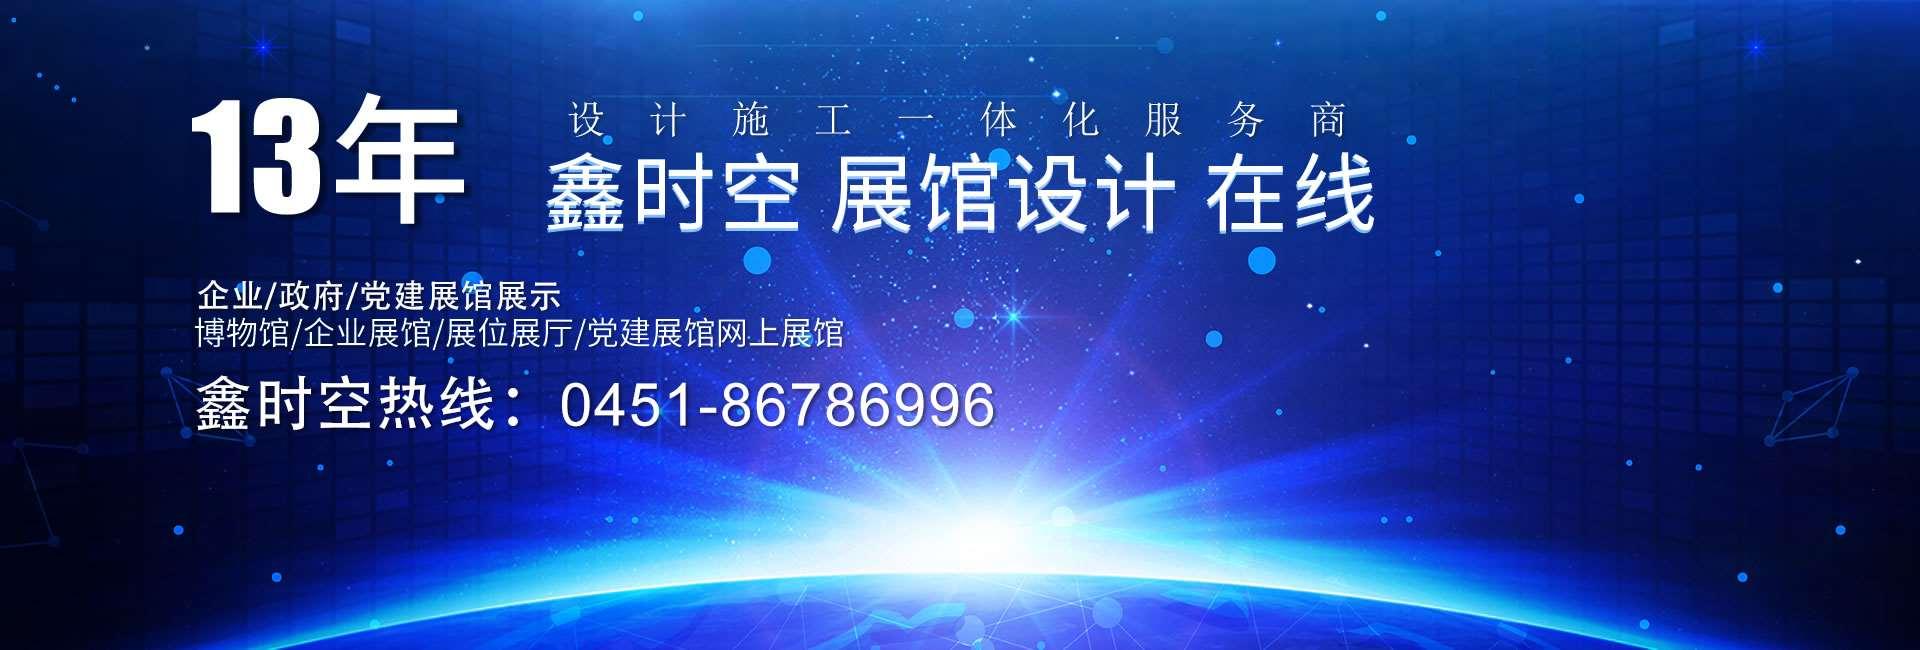 黑龙江博物馆设计哪家好?科技馆规划馆设计哪个公司实力强?图片